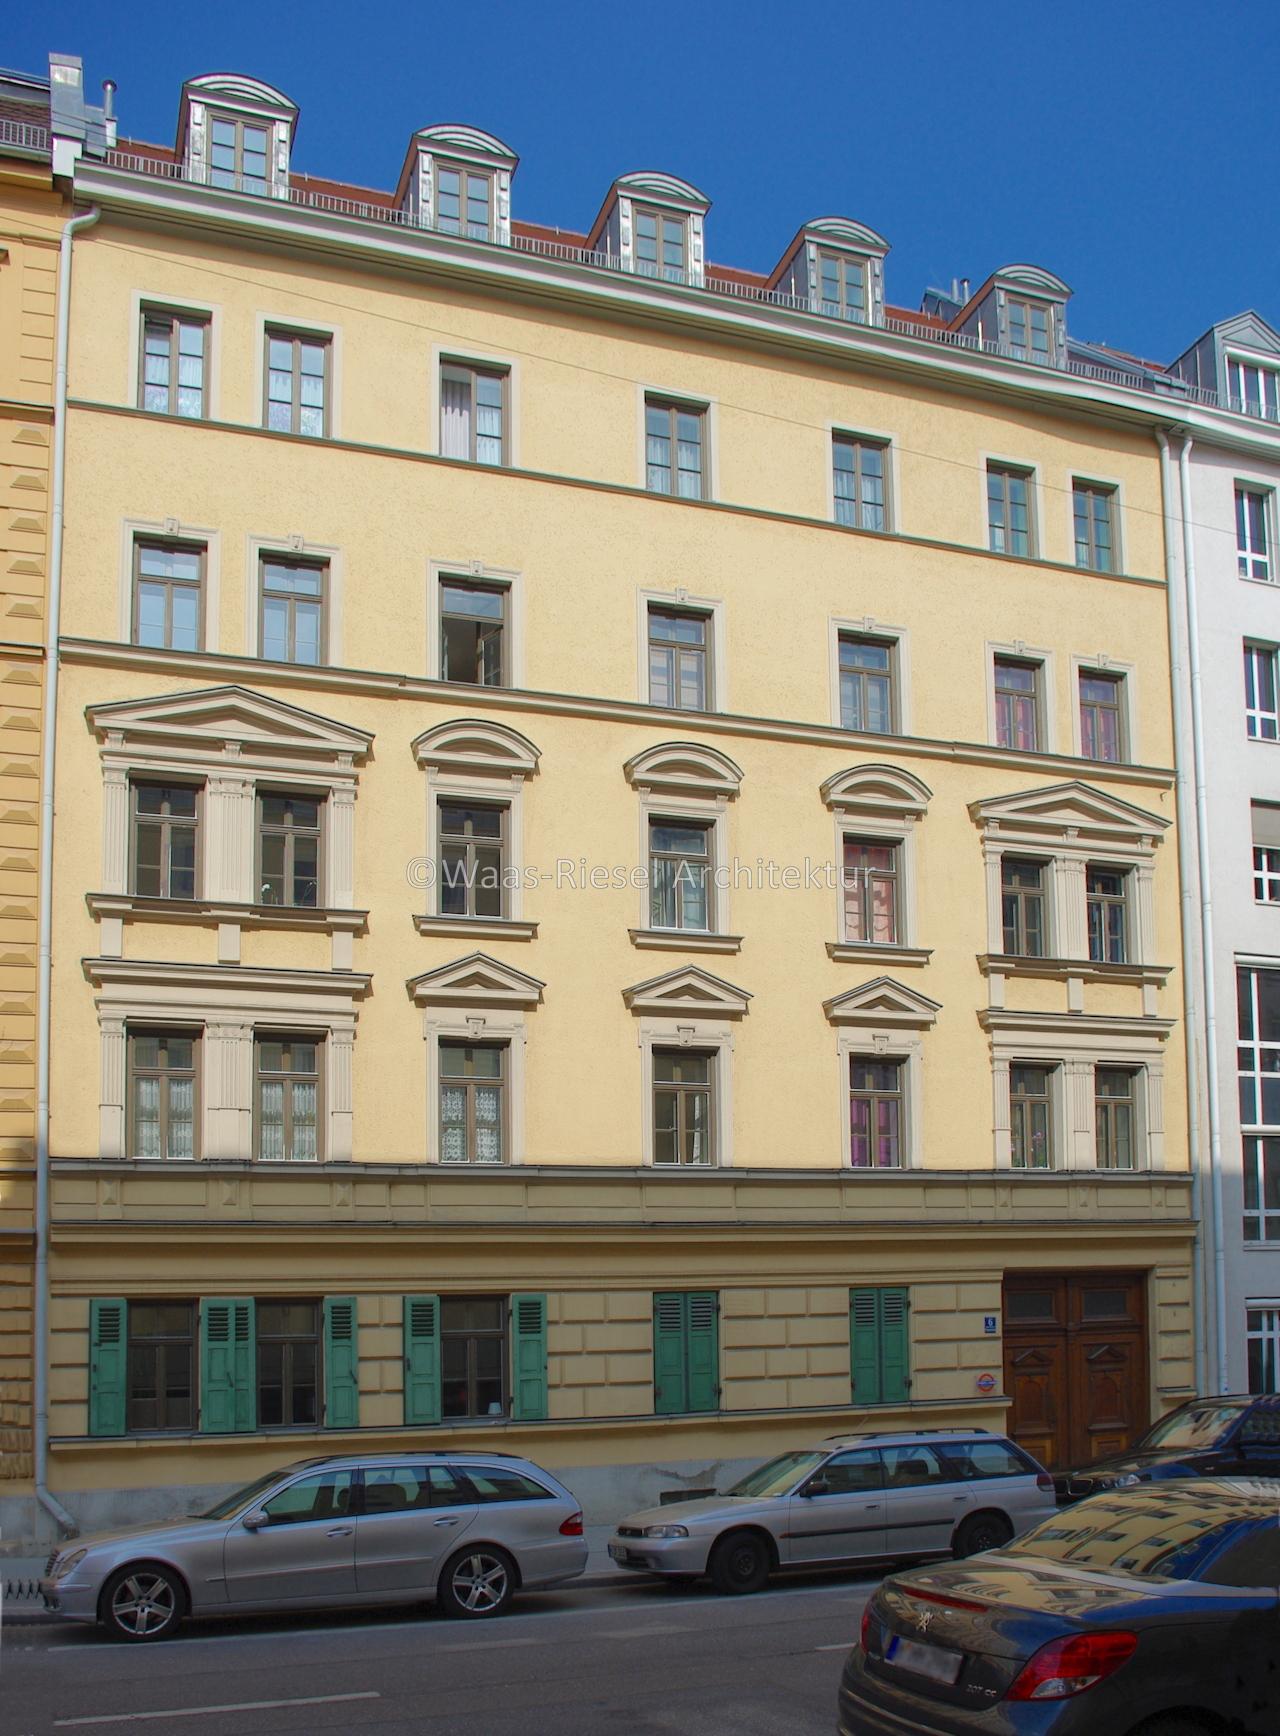 Fassade denkmalgeschütztes Wohngebäude